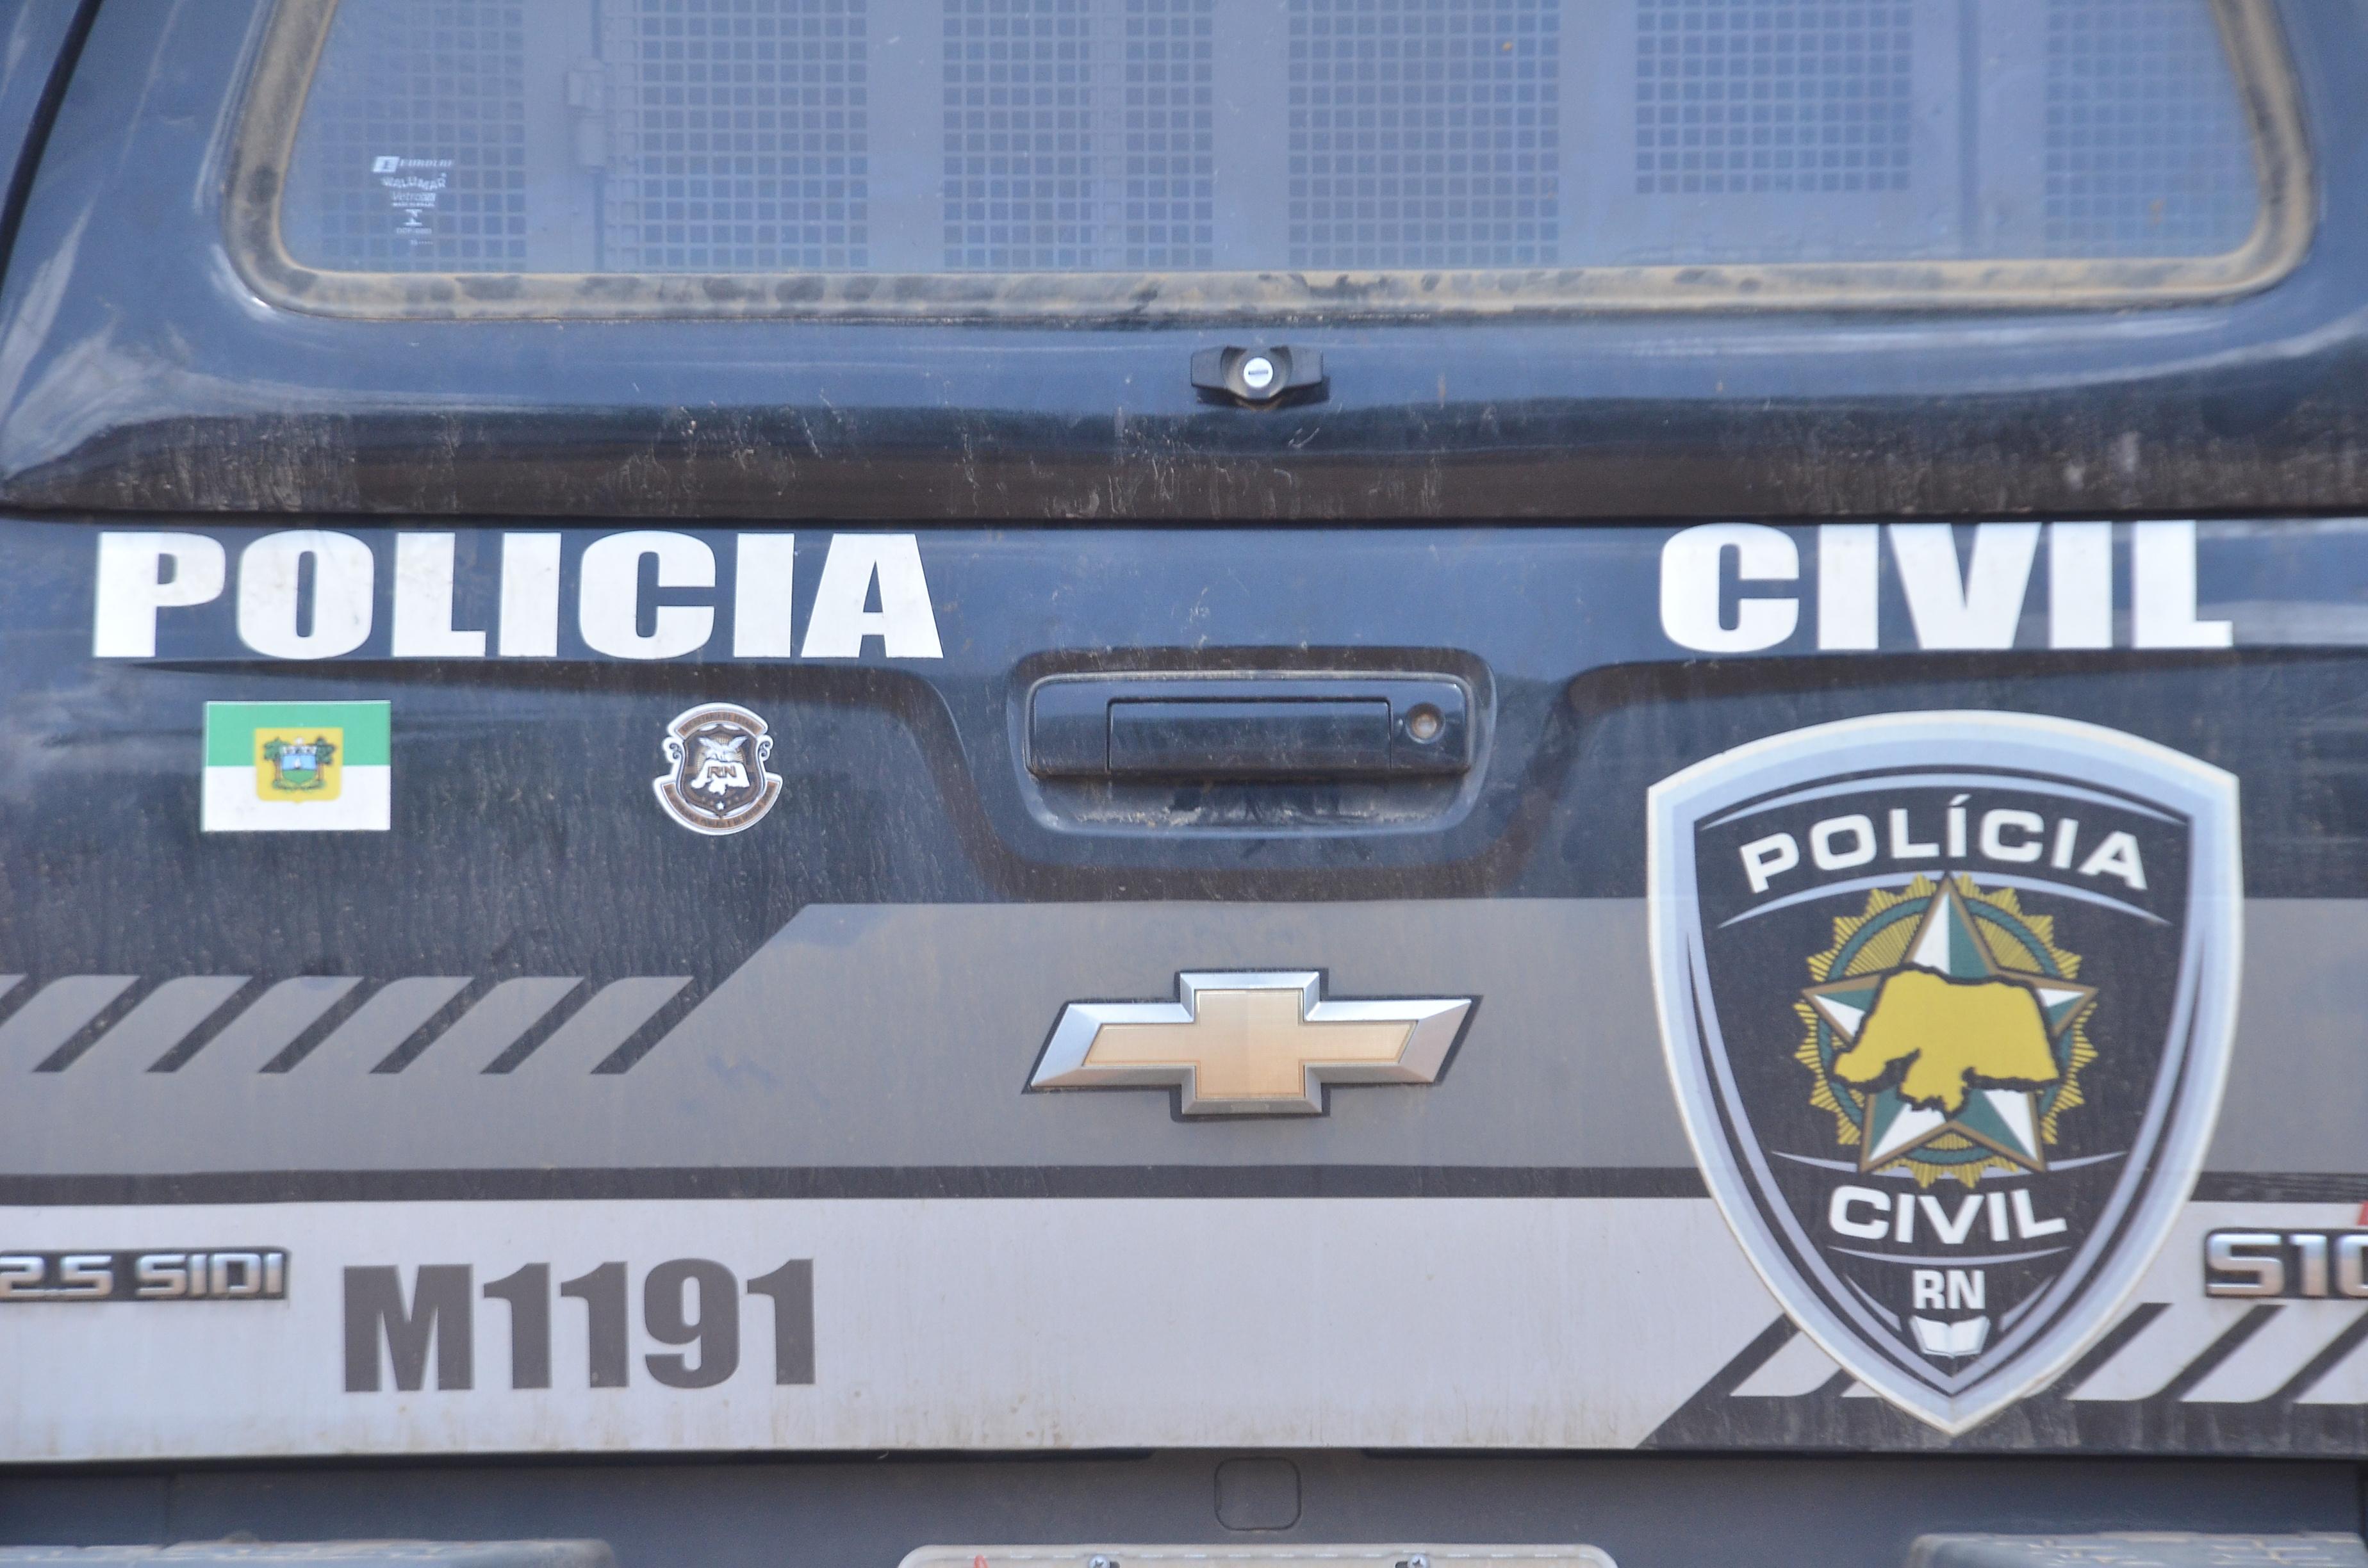 Viaturas da Policia Civil na Degepol Novas e Usadas 27